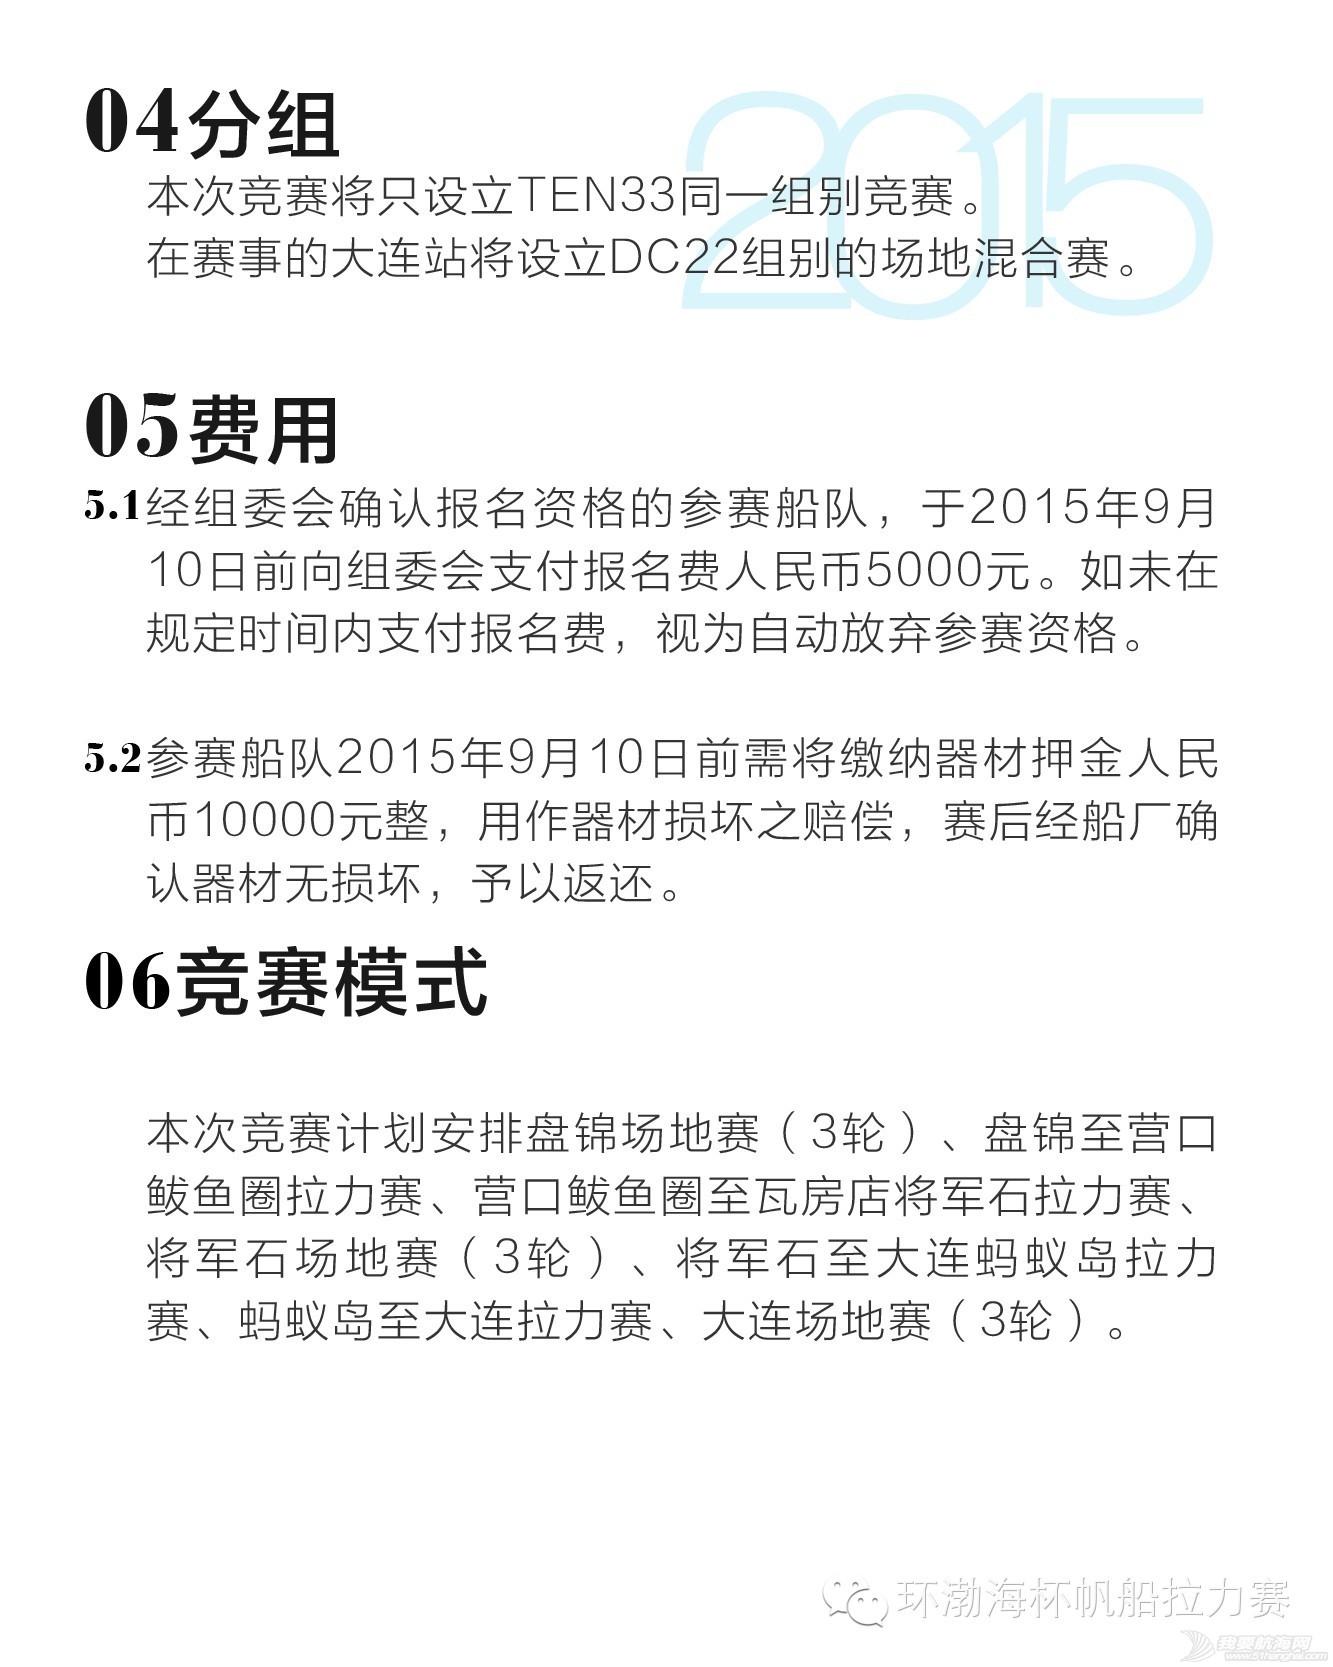 拉力赛,中国,渤海,帆船 2015中国环渤海帆船拉力赛竞赛通知 c2e8ff9638f07c4a2f5821c24a441adc.jpg